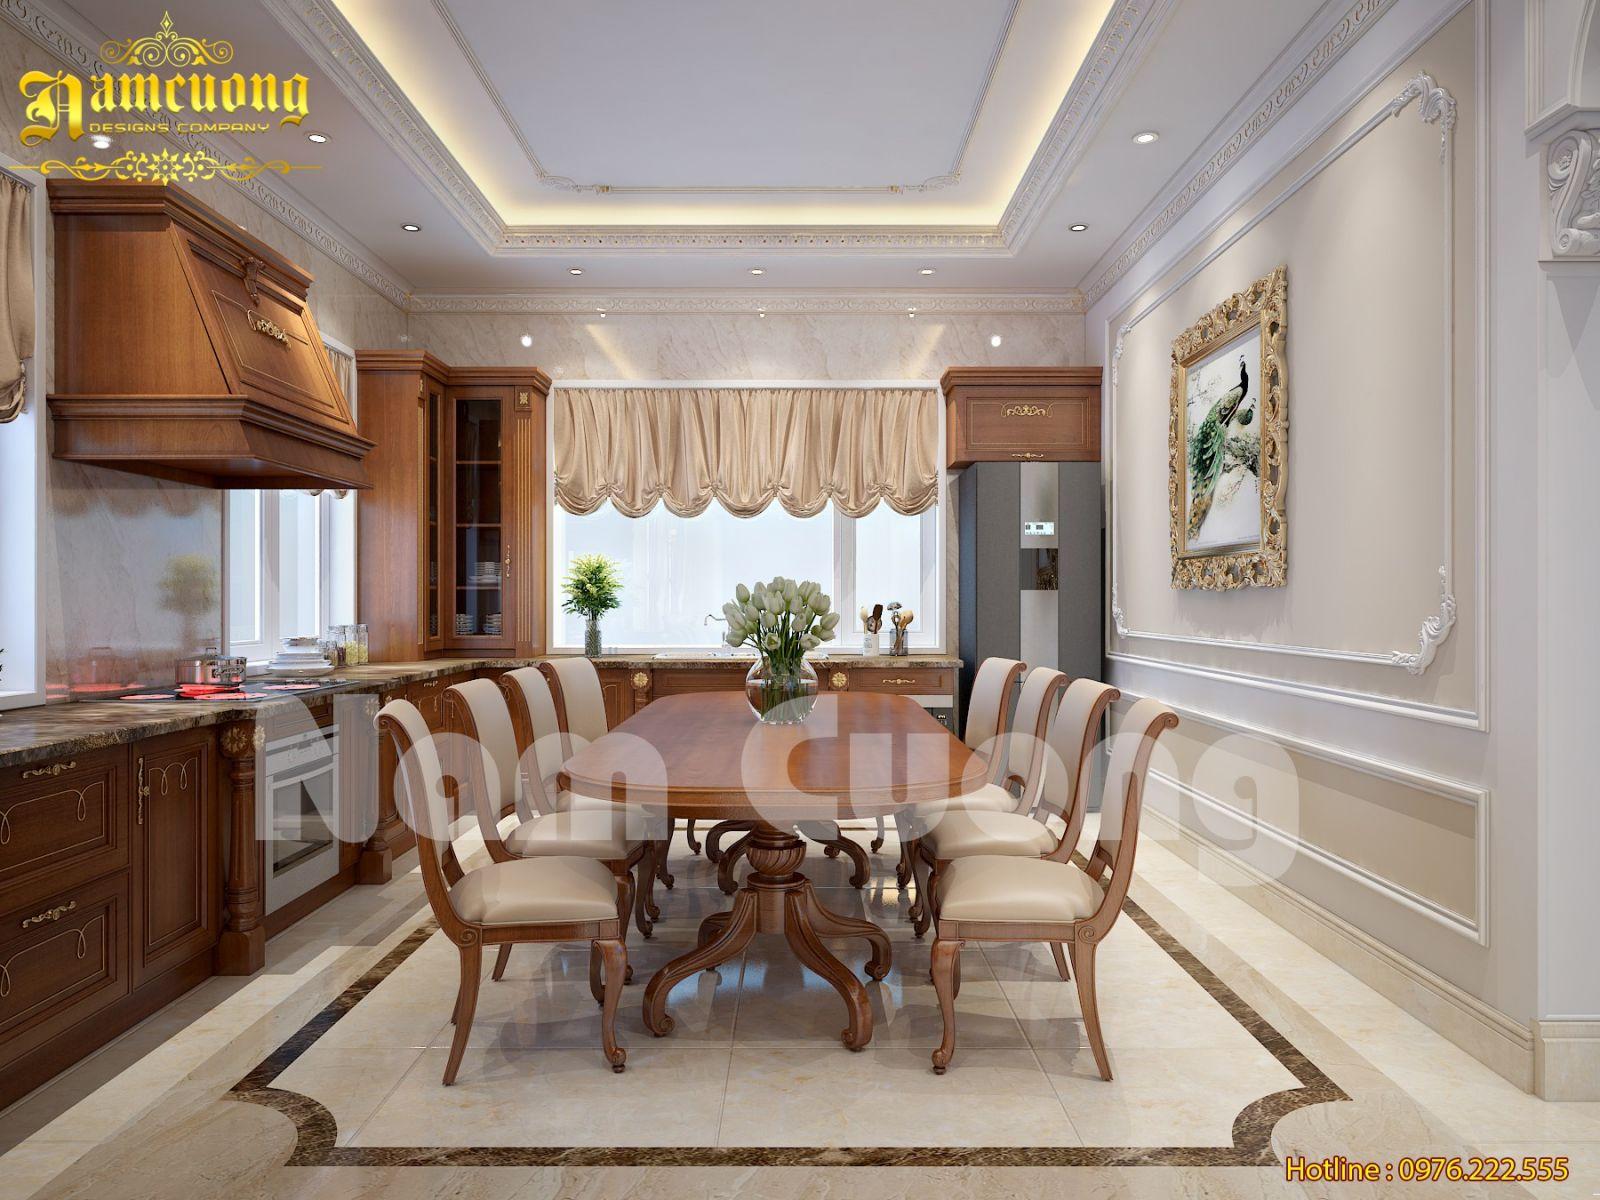 Phương án mới cho mẫu thiết kế nội thất tân cổ điển